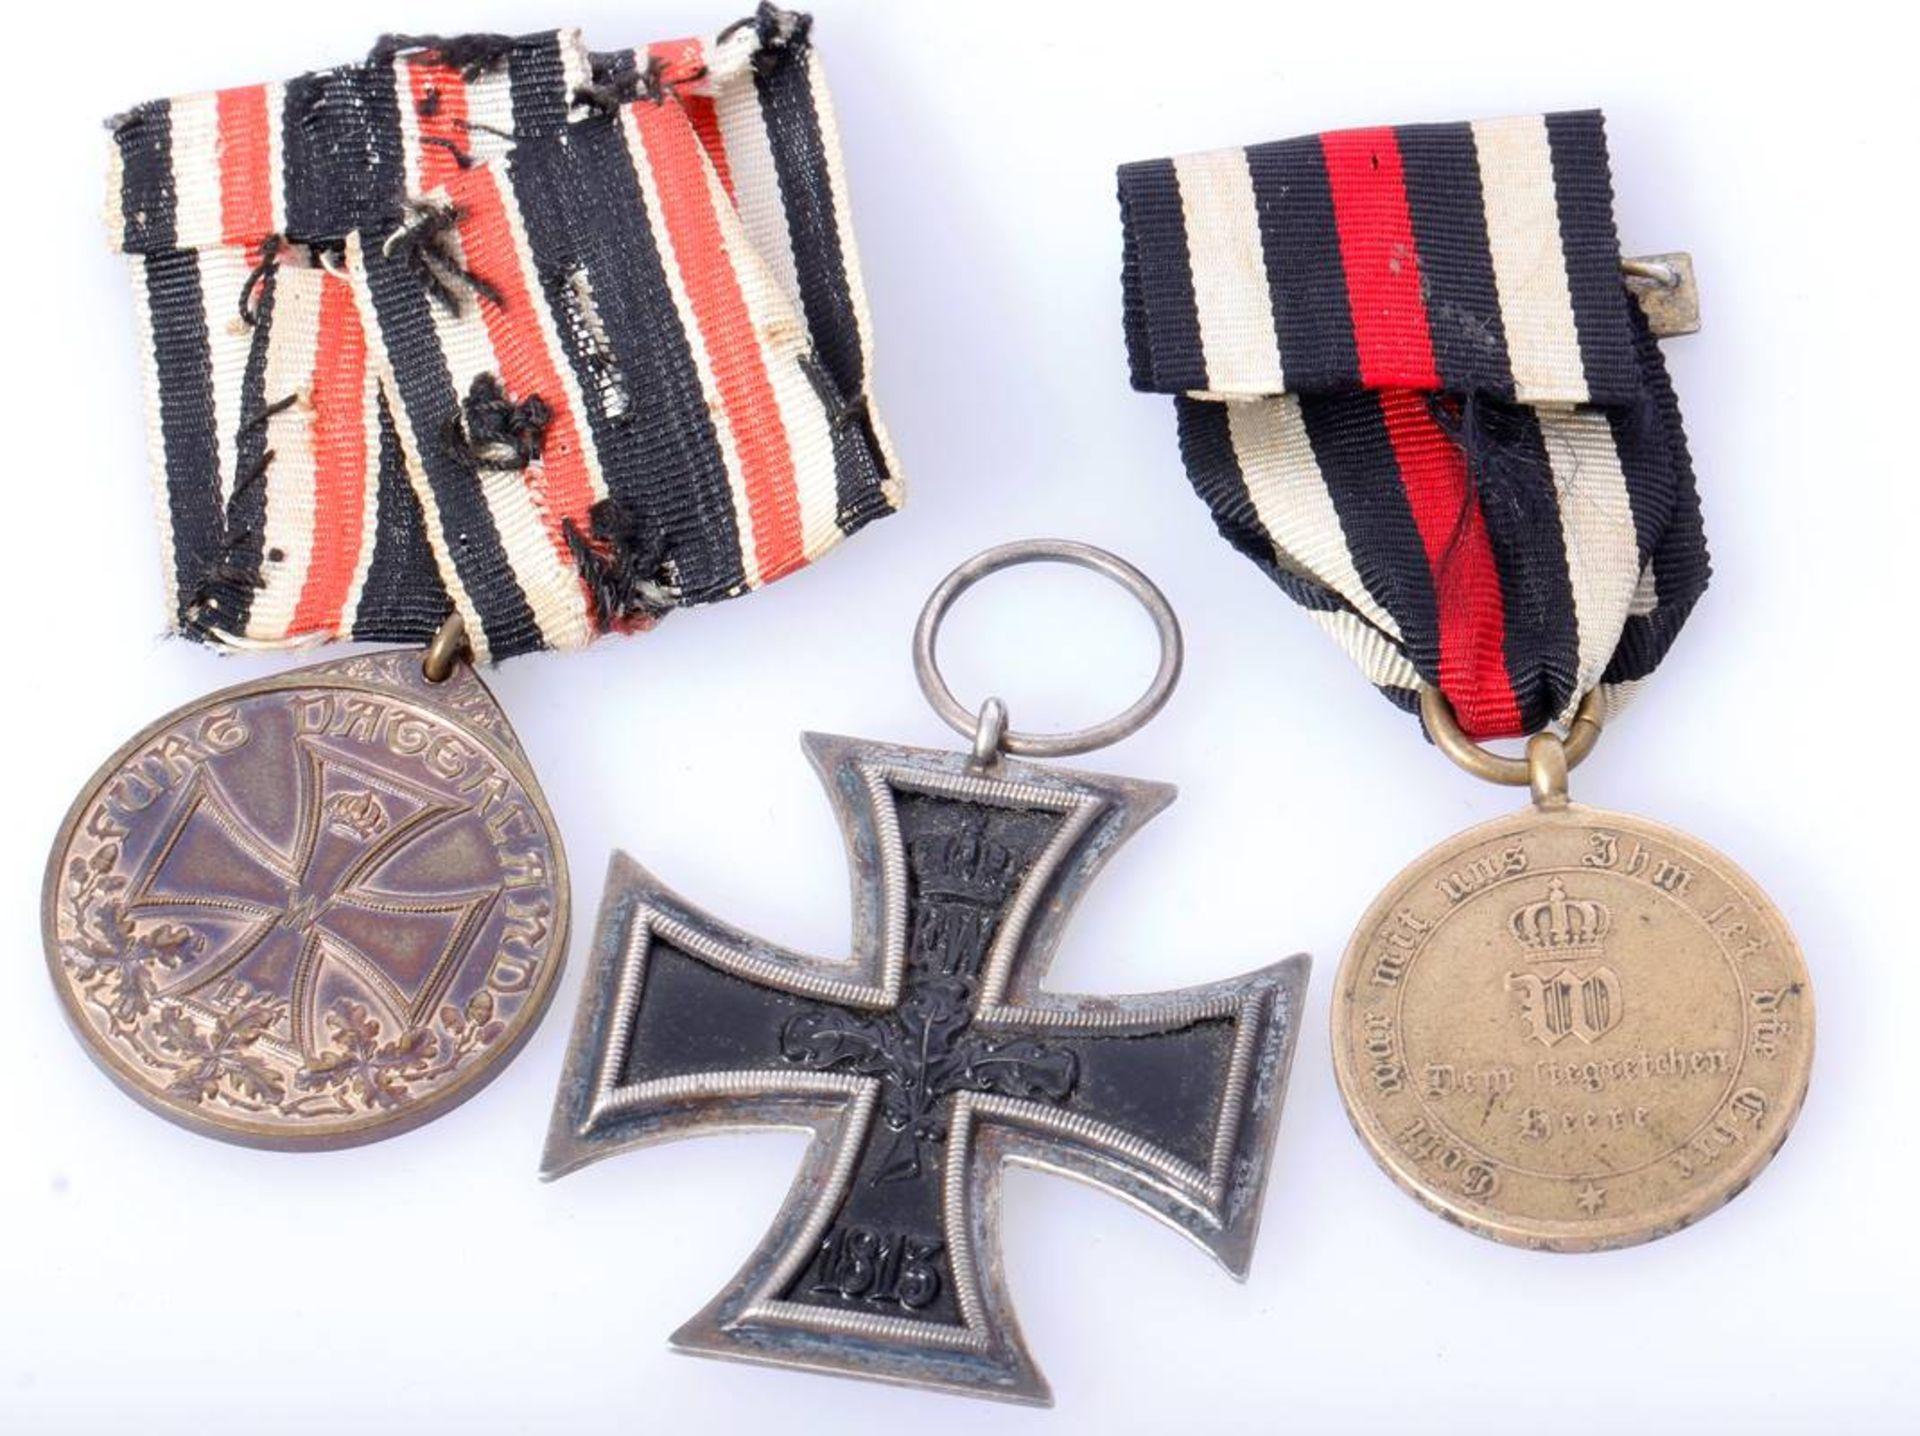 Posten 3 Abzeichen u.a. mit EK 2 1914Eisernes Kreuz 2. Klasse 1914 , Deutsche Ehrendenkmünze des - Bild 3 aus 3